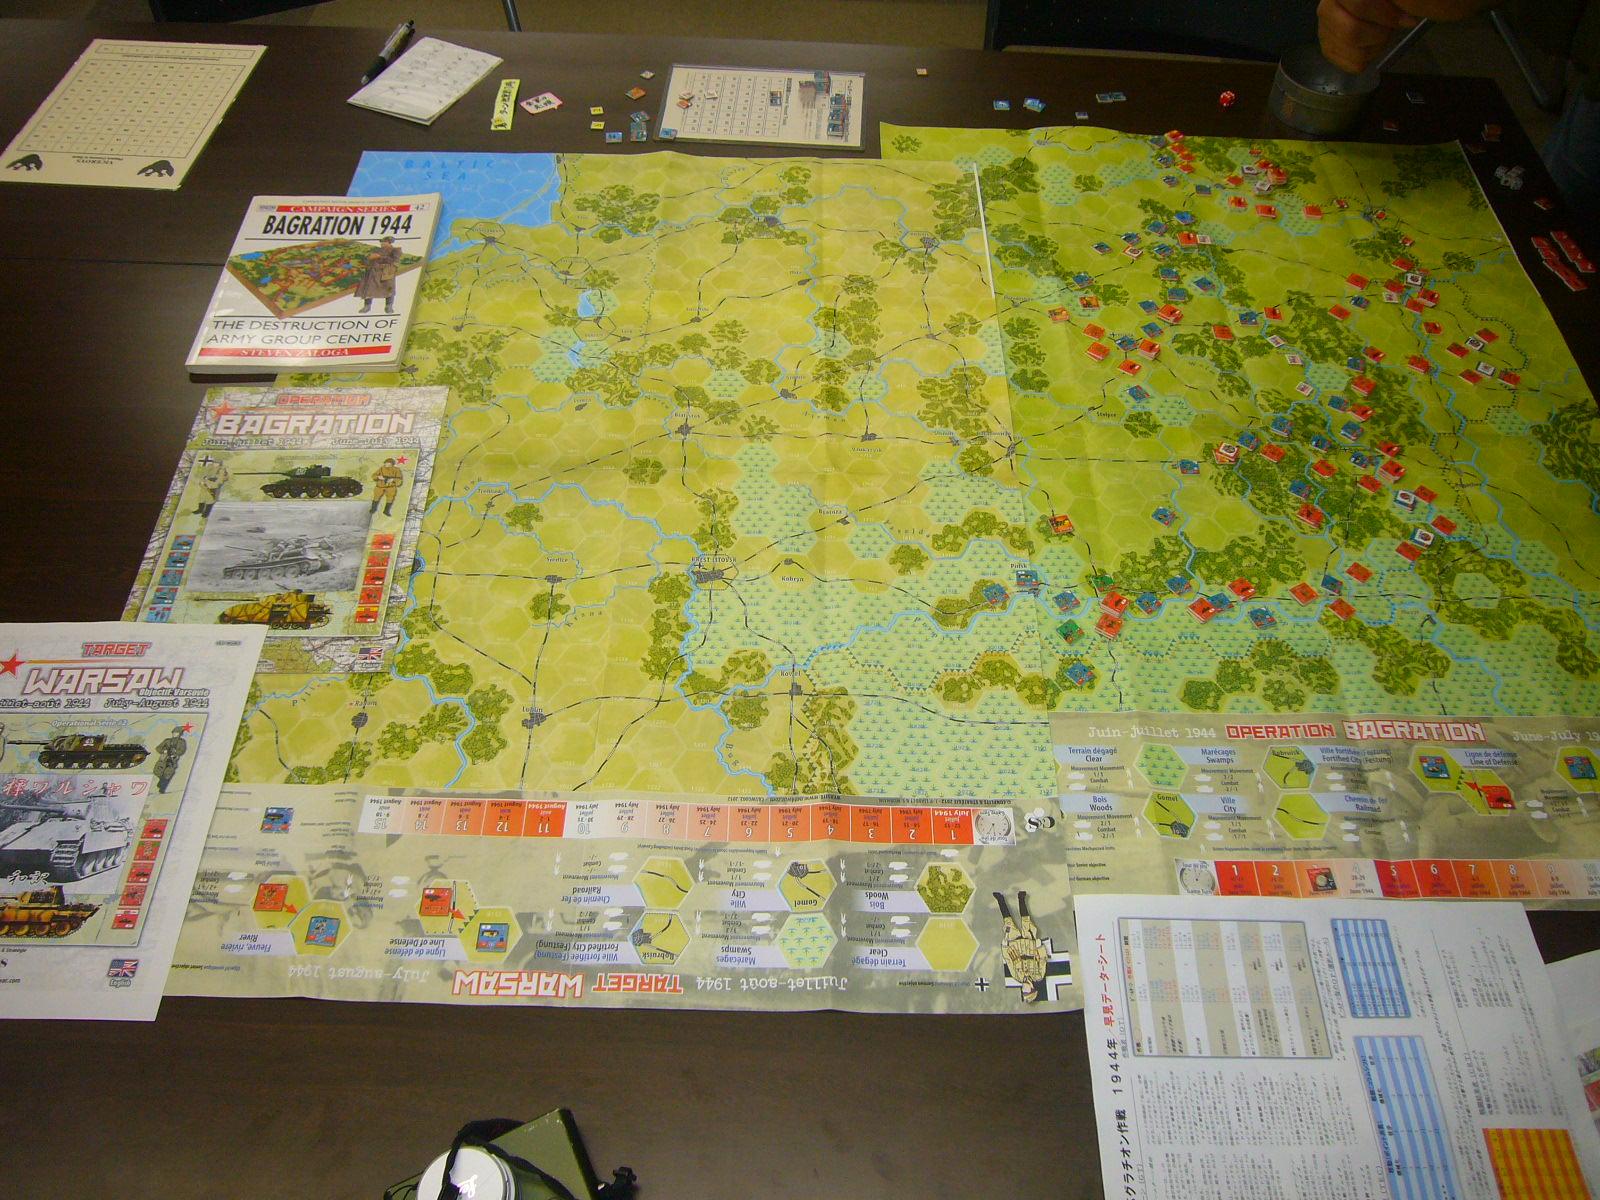 YSGA 9月例会の様子その3(仏C&H社製の東部戦線1944 『バグラチオン作戦』+『ワルシャワ蜂起』)その❶_b0173672_00050616.jpg